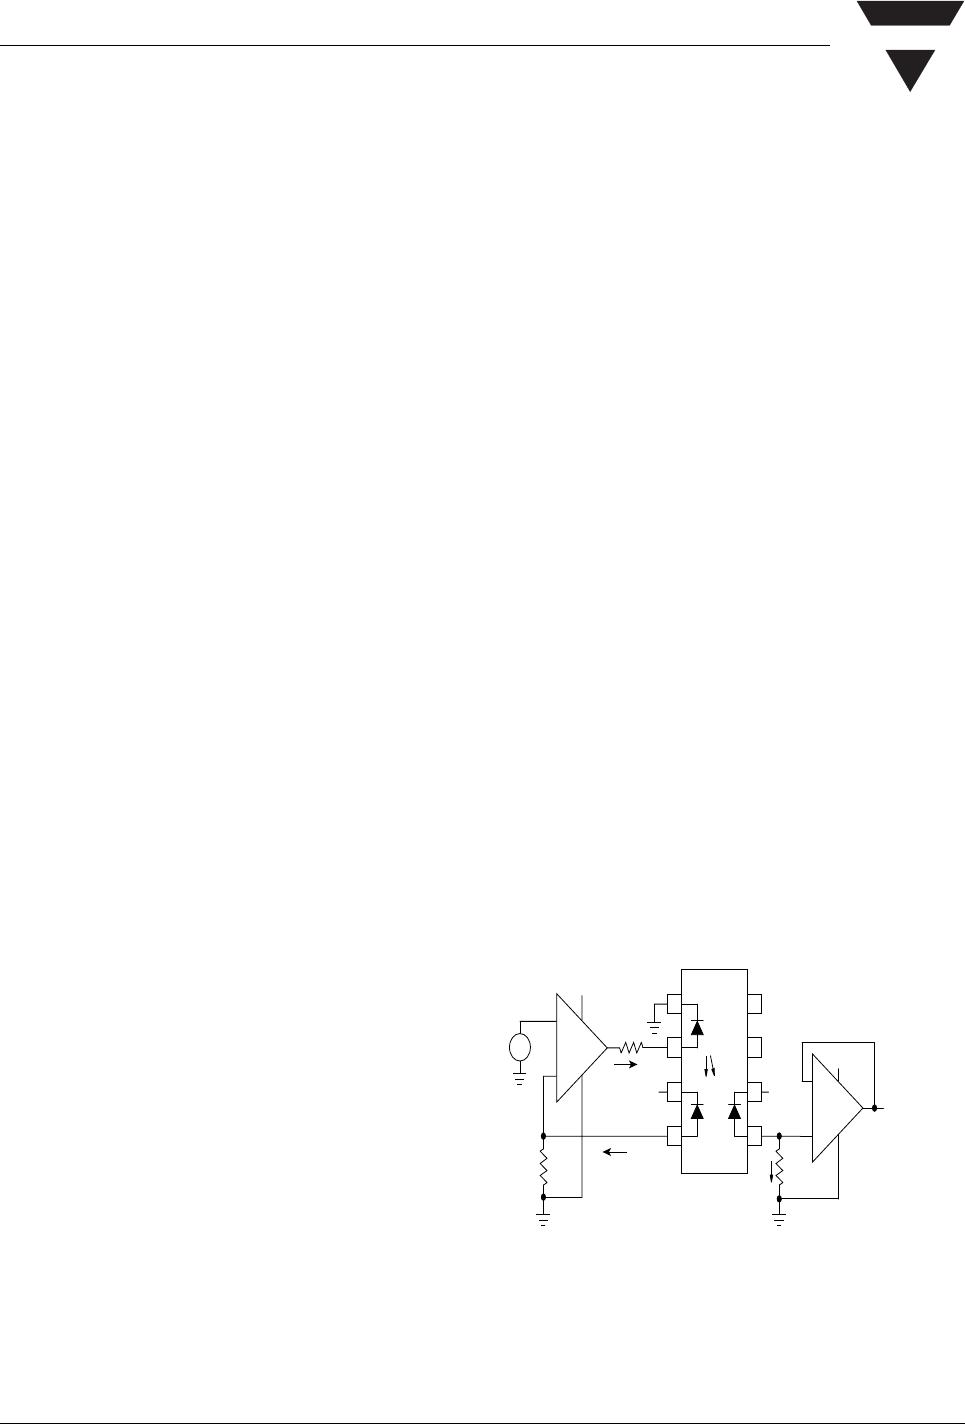 �y�f�.�:(�9il�f�x�_il300-f-x009 pdf下载及第2页内容在线浏览